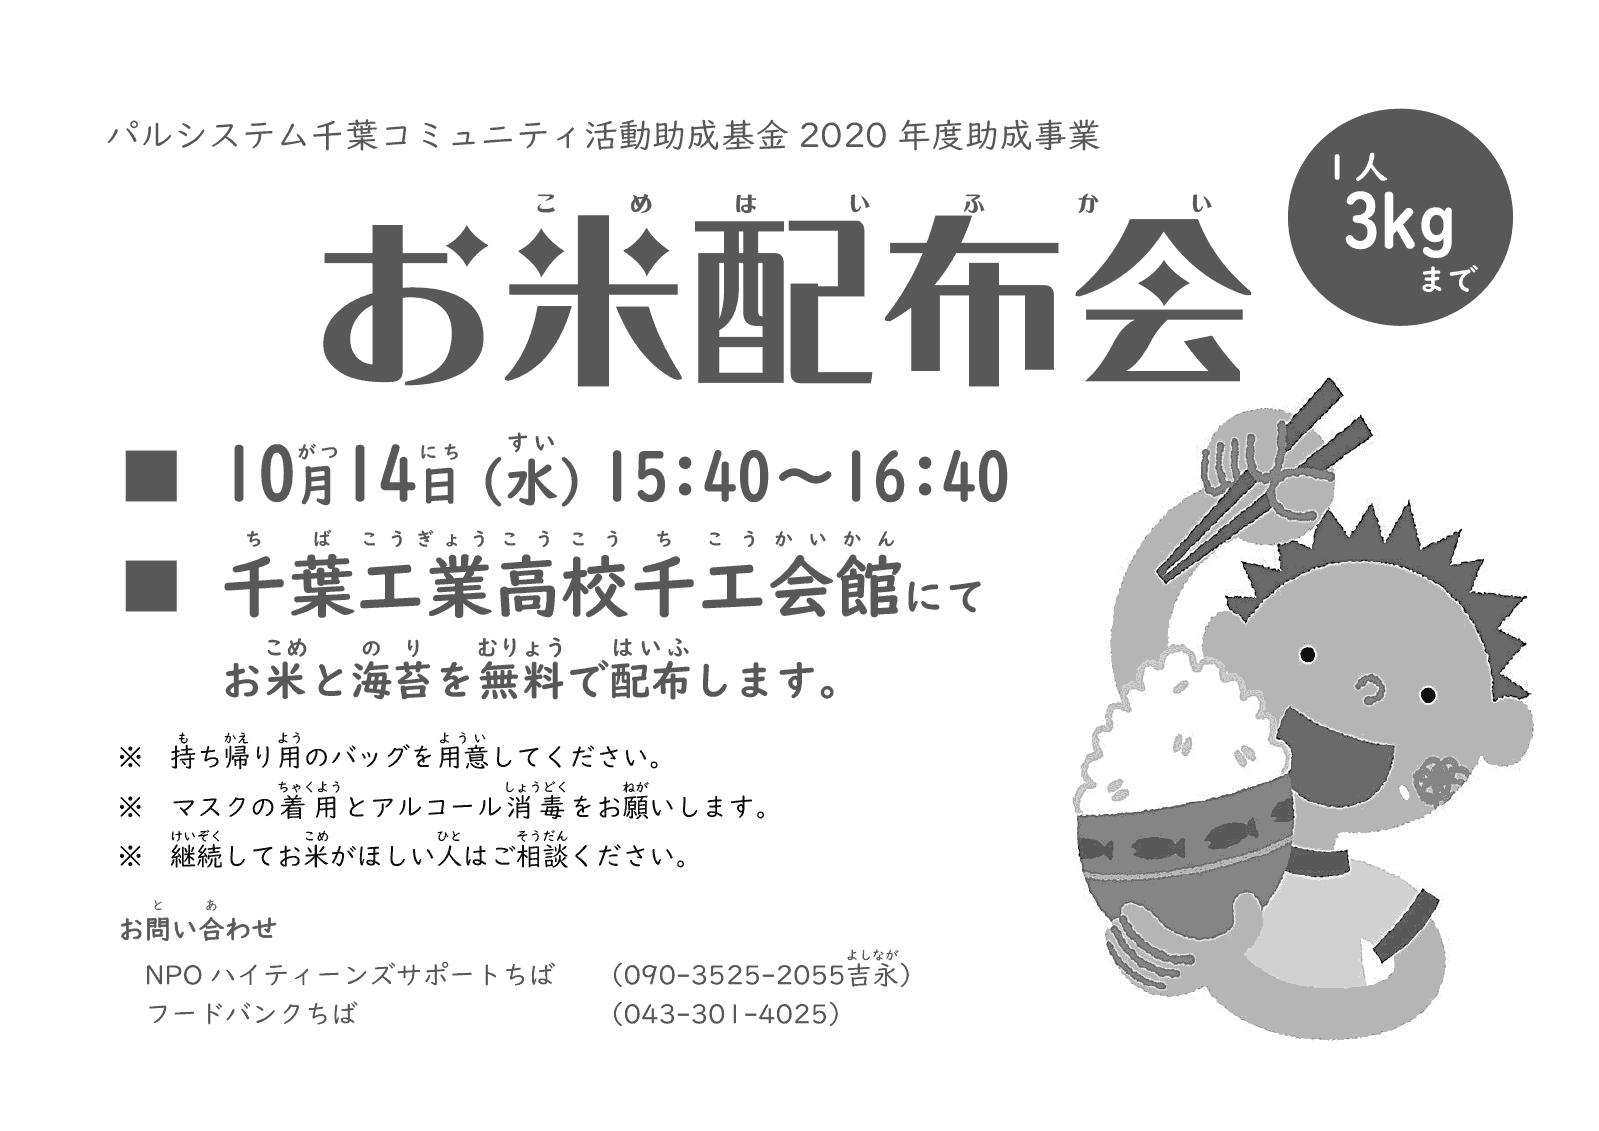 「お米配布会」2020年10月14日(水) 15:40〜16:40 千葉工業高校千工会館